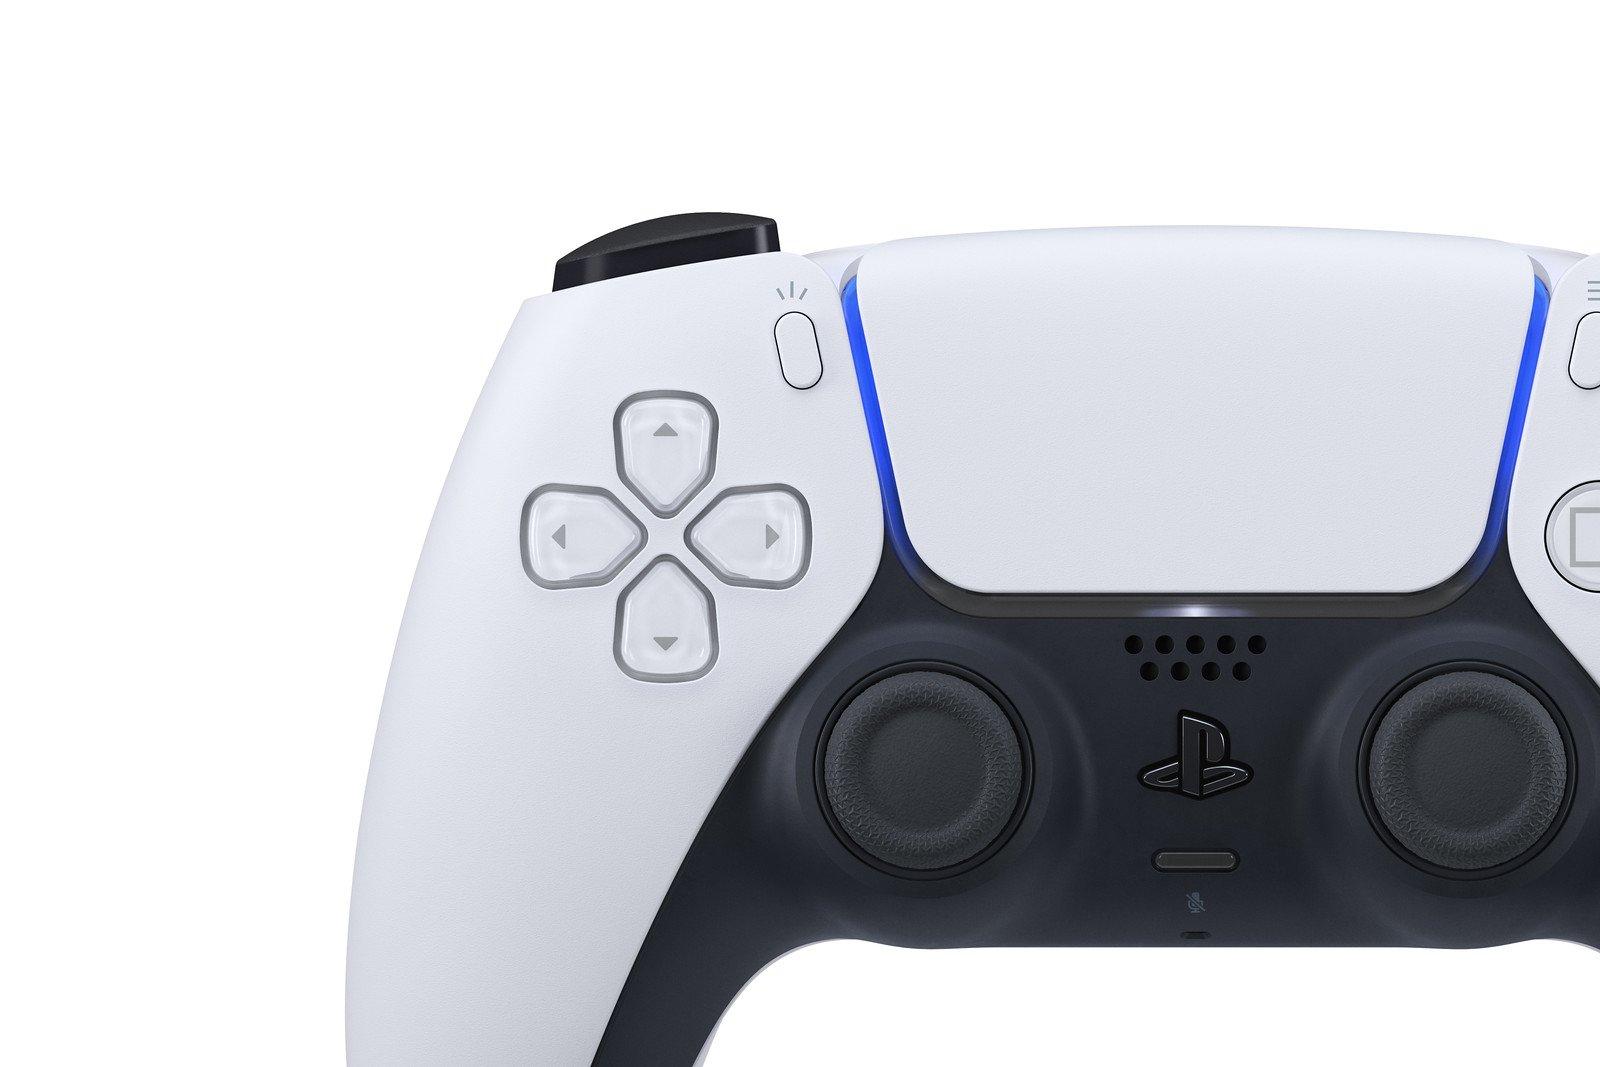 Um leaker que teve acesso ao PlayStation 5 (PS5) decidiu desmontar o controle do console e postar as imagens na internet.